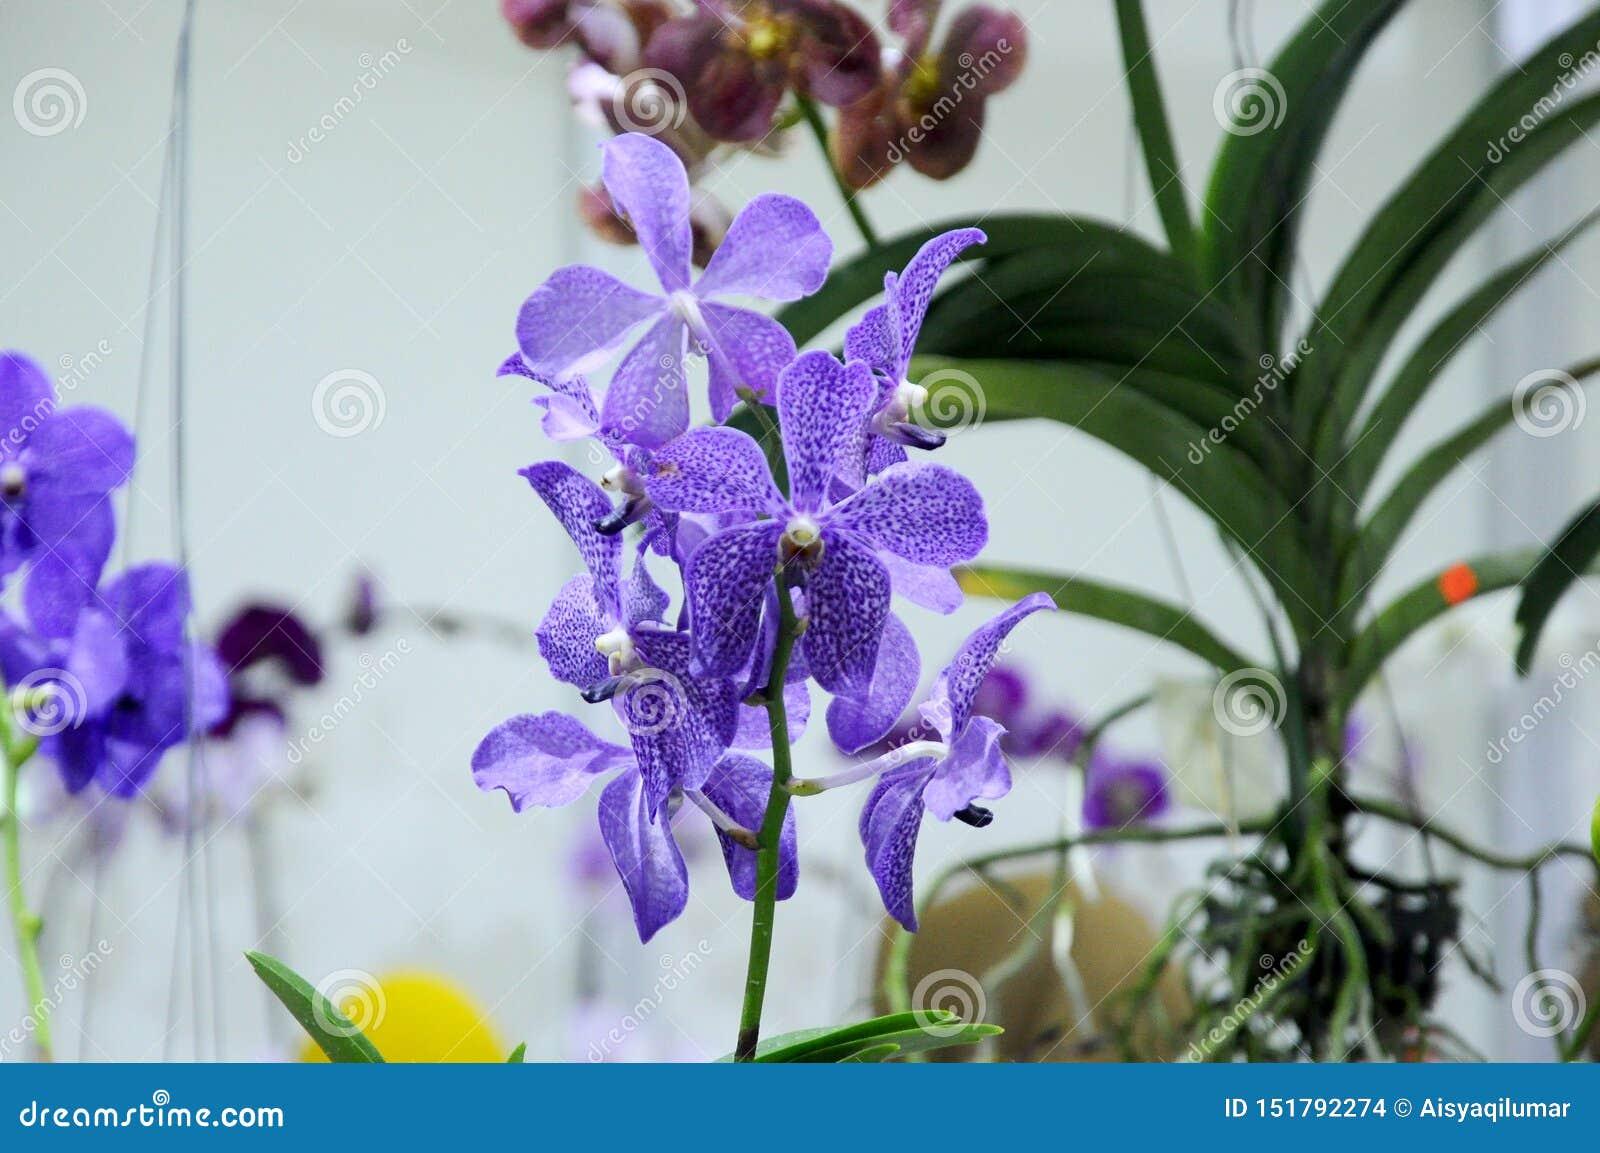 Экзотические орхидеи цветут внутри крытого питомника